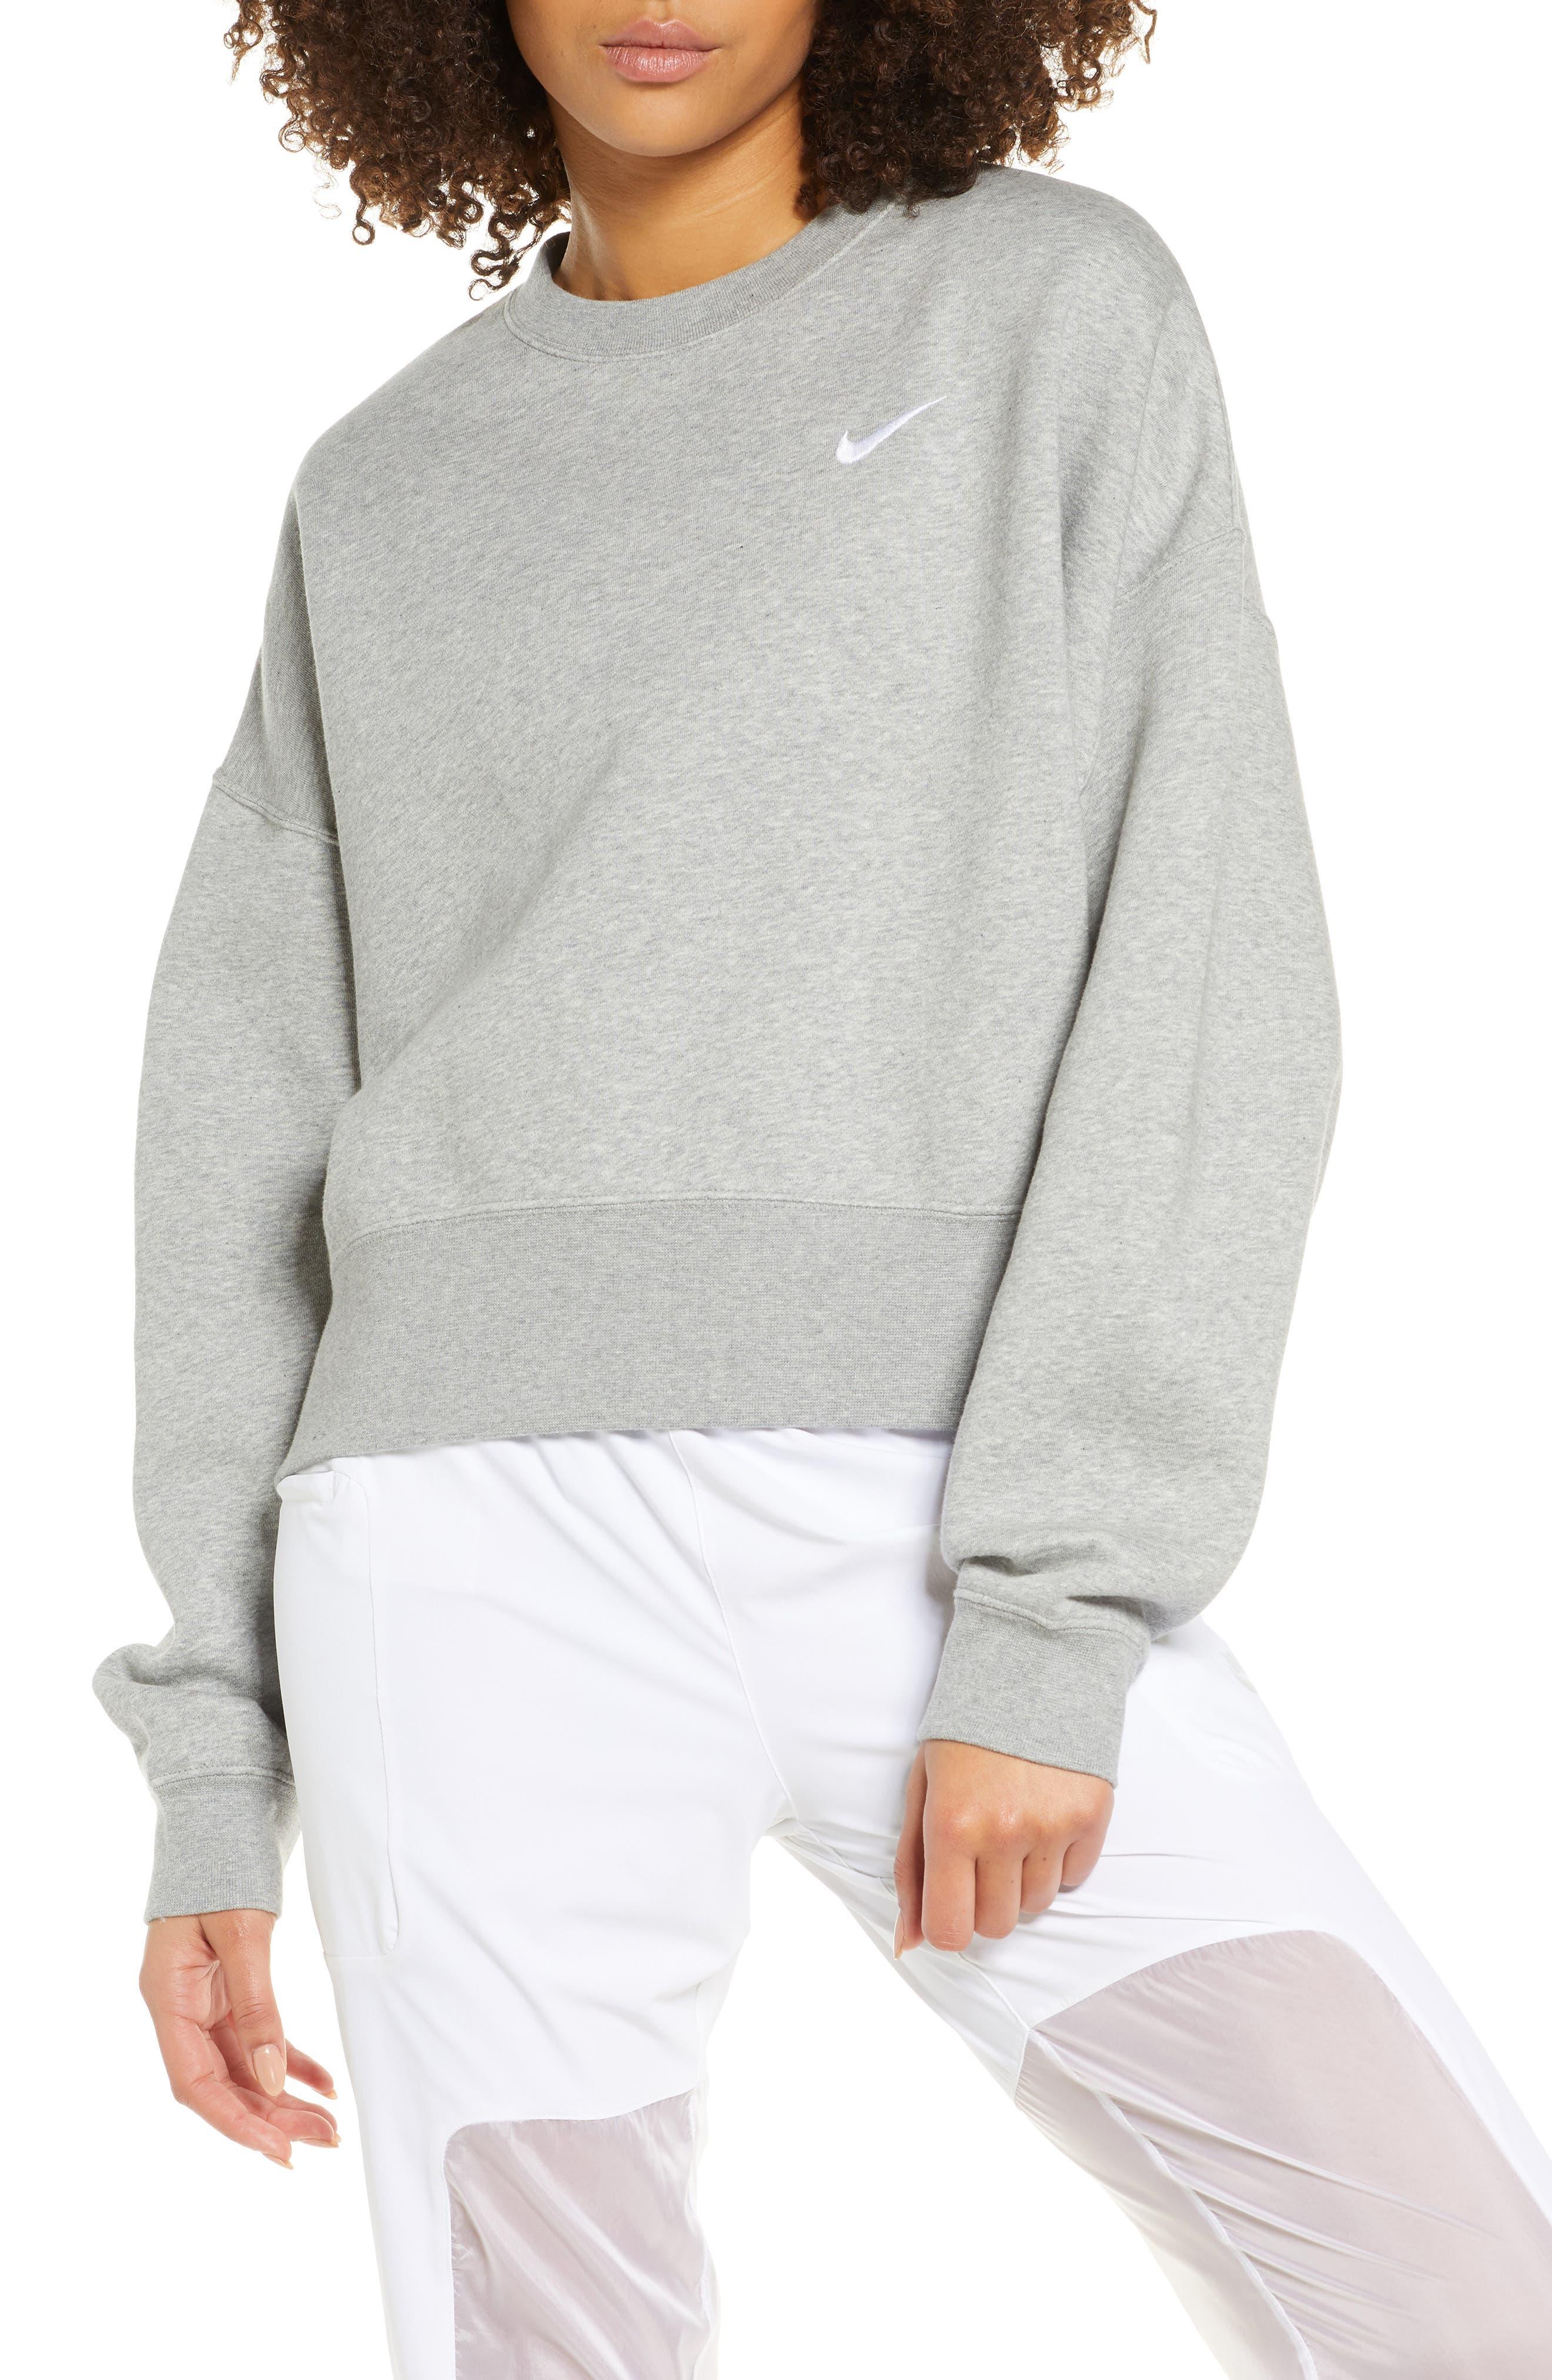 Women's Nike Sweatshirts & Hoodies | Nordstrom